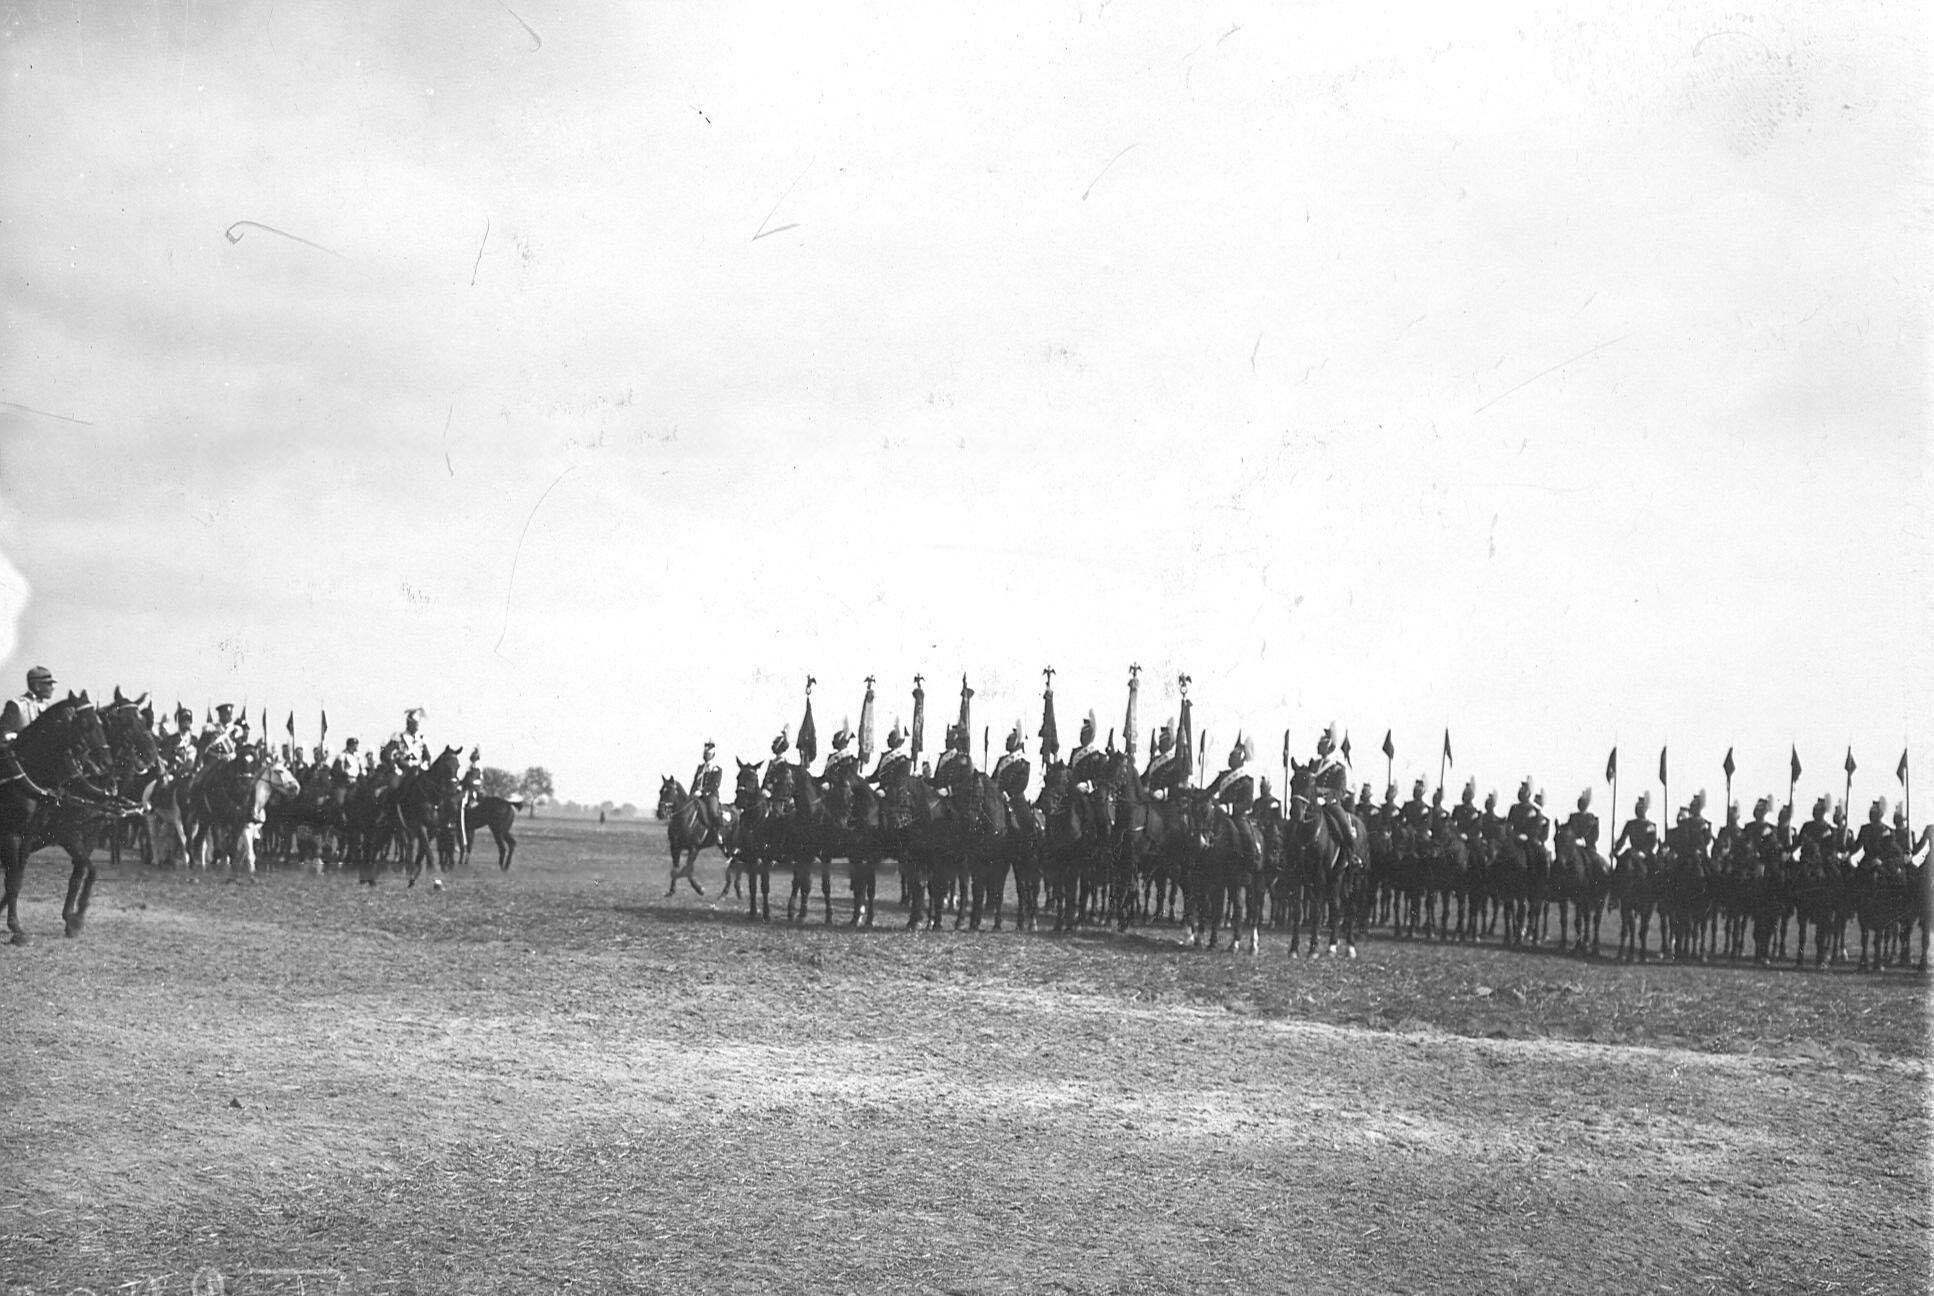 Император Николай II  объезжает ряды, выстроившихся для парада улан в день празднования 250-летнего юбилея полка